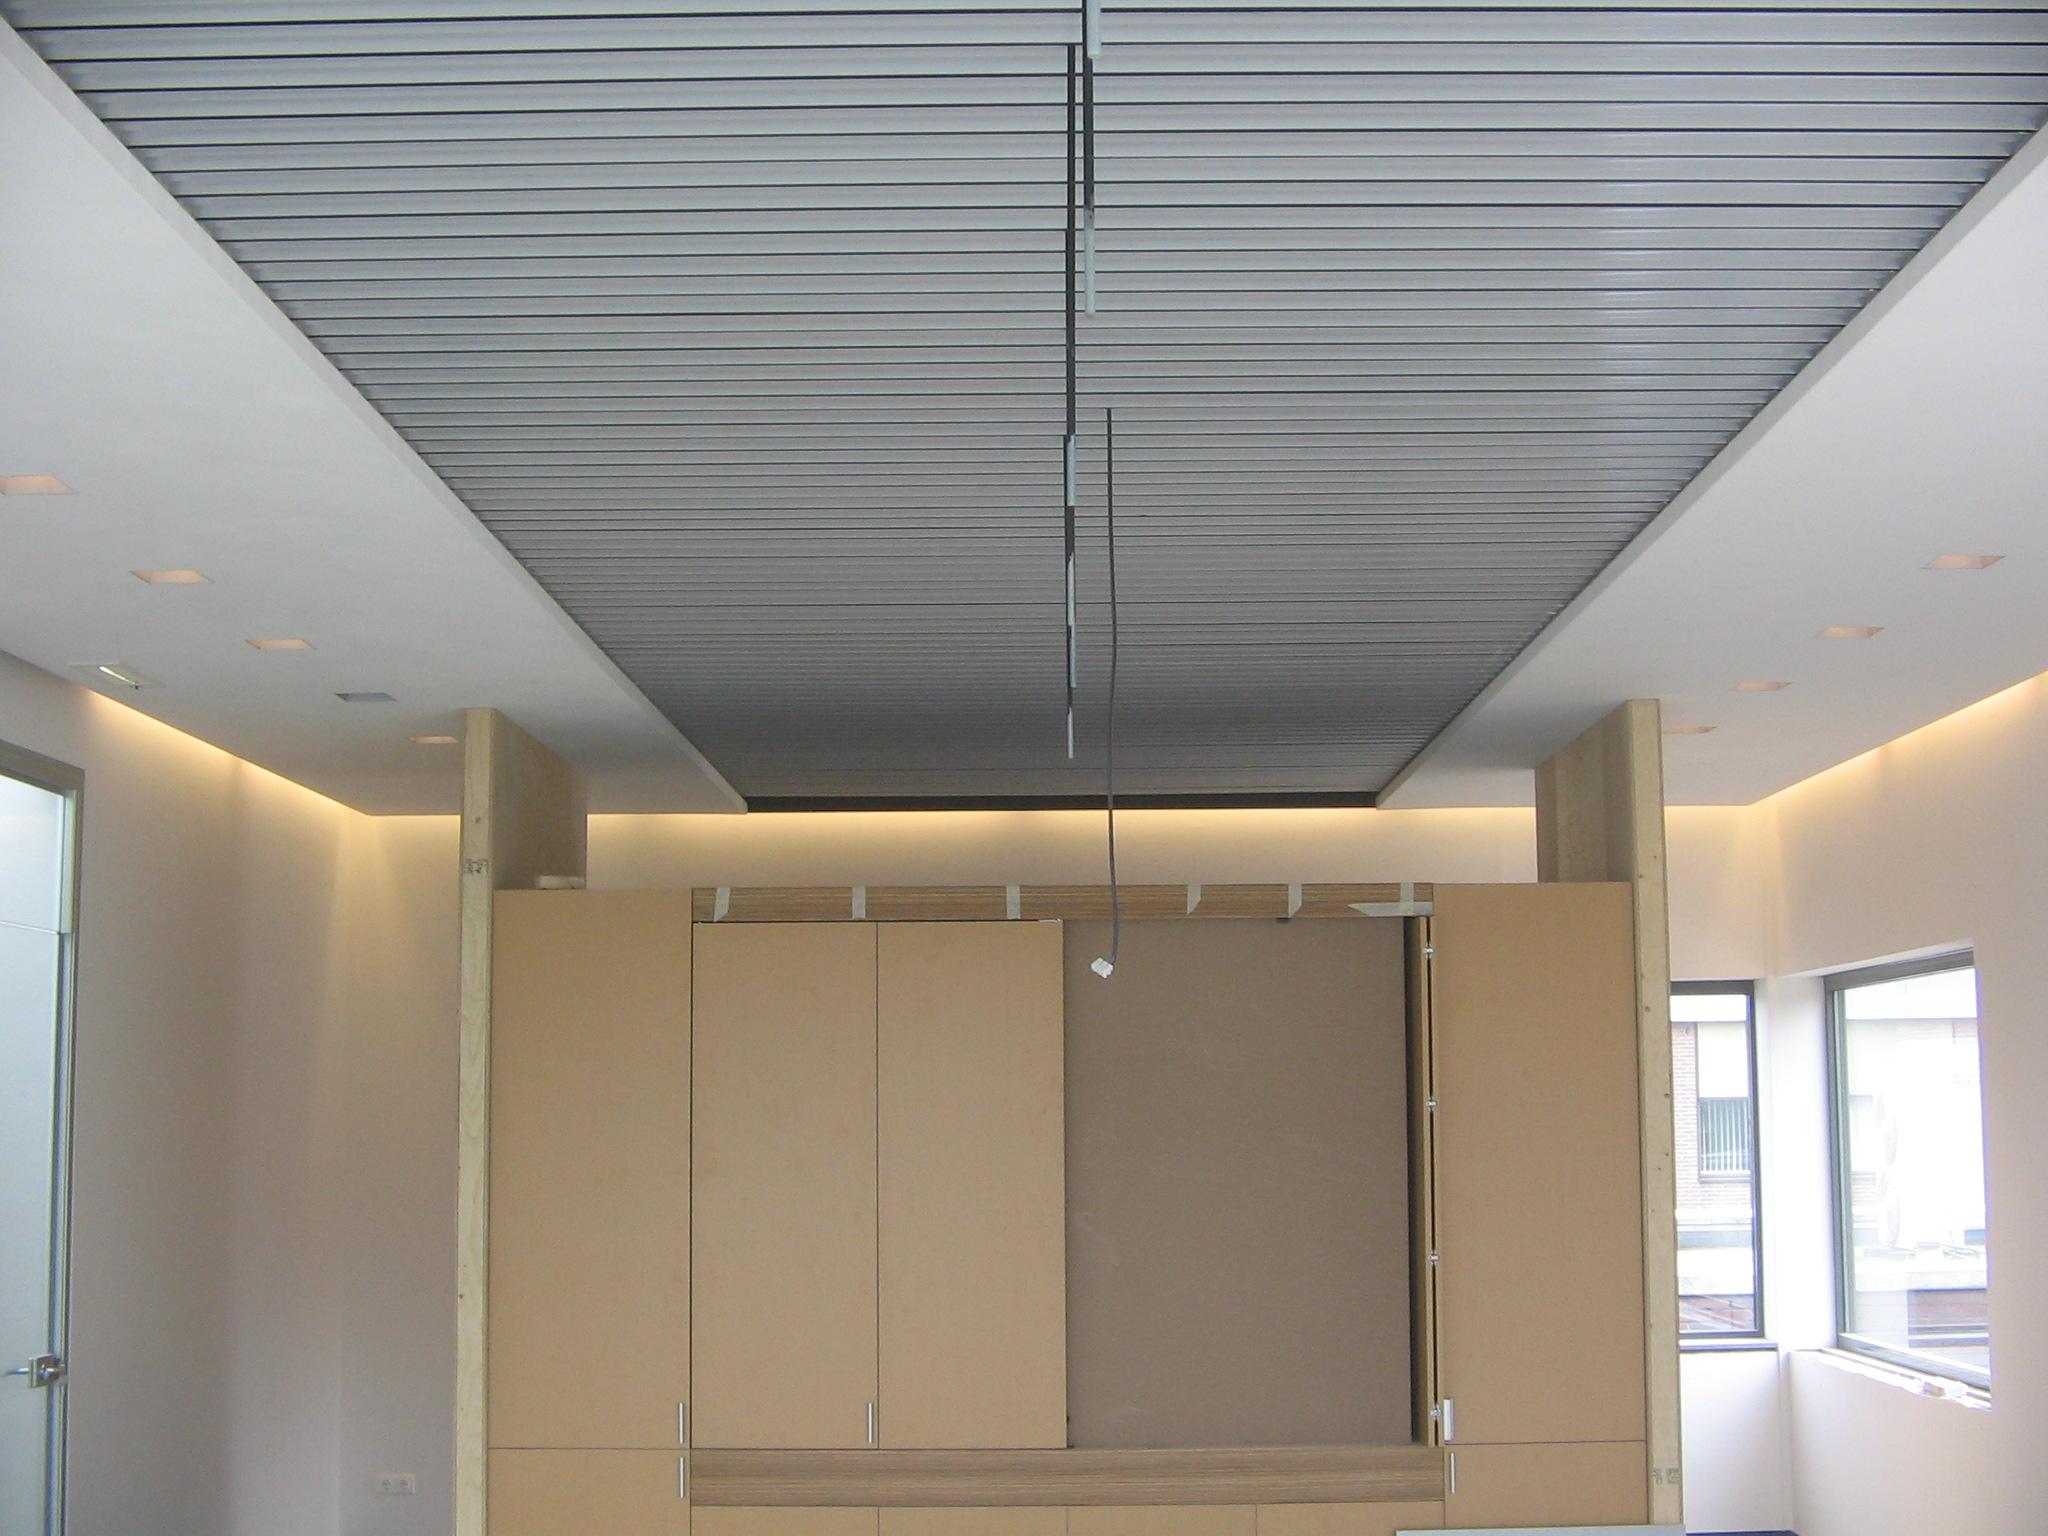 Peek Bv Static Cooling Ceiling System Sks 4 3 Voor